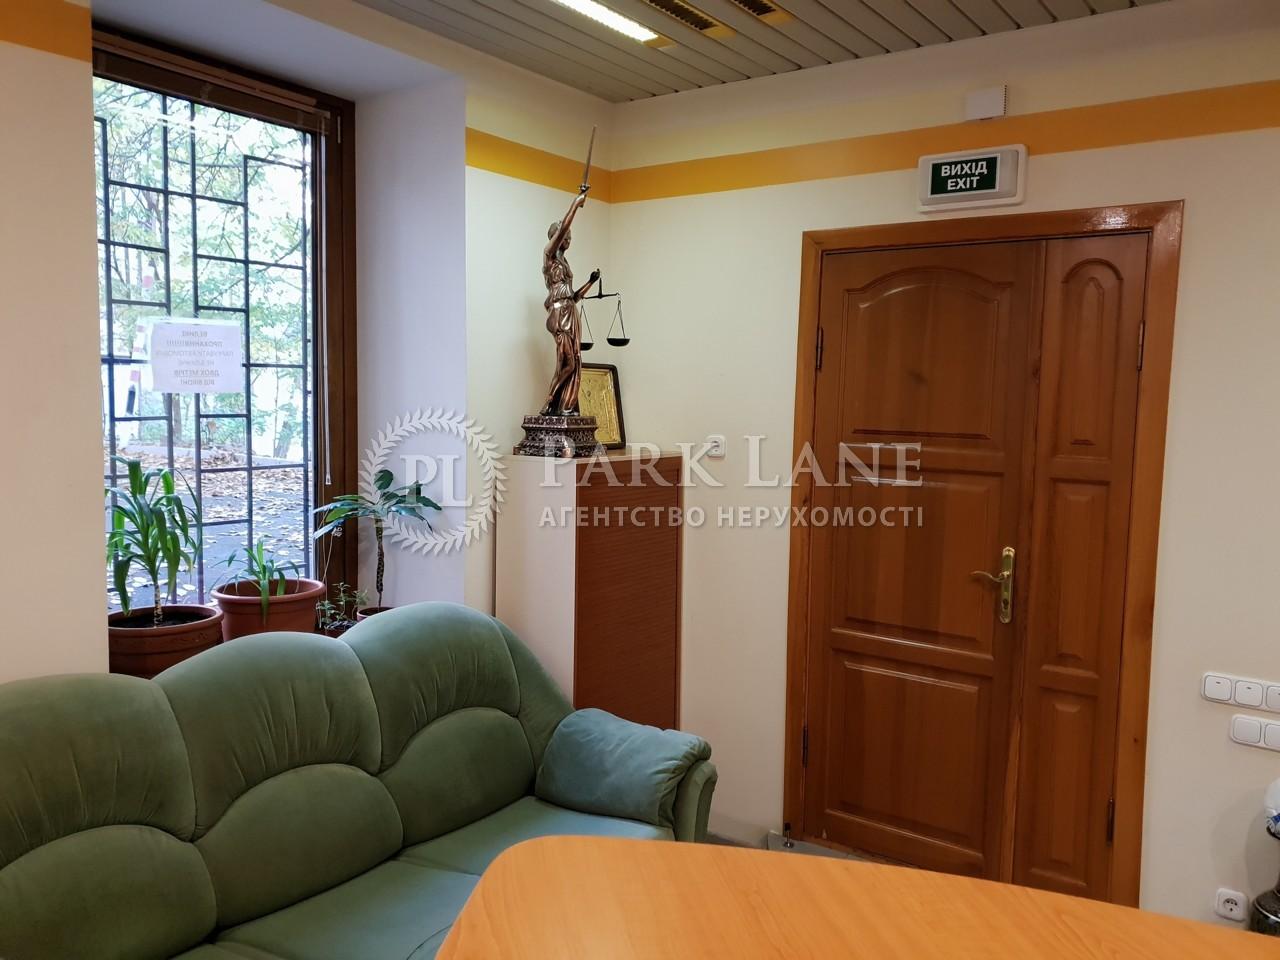 Нежилое помещение, ул. Костельная, Киев, L-27184 - Фото 17